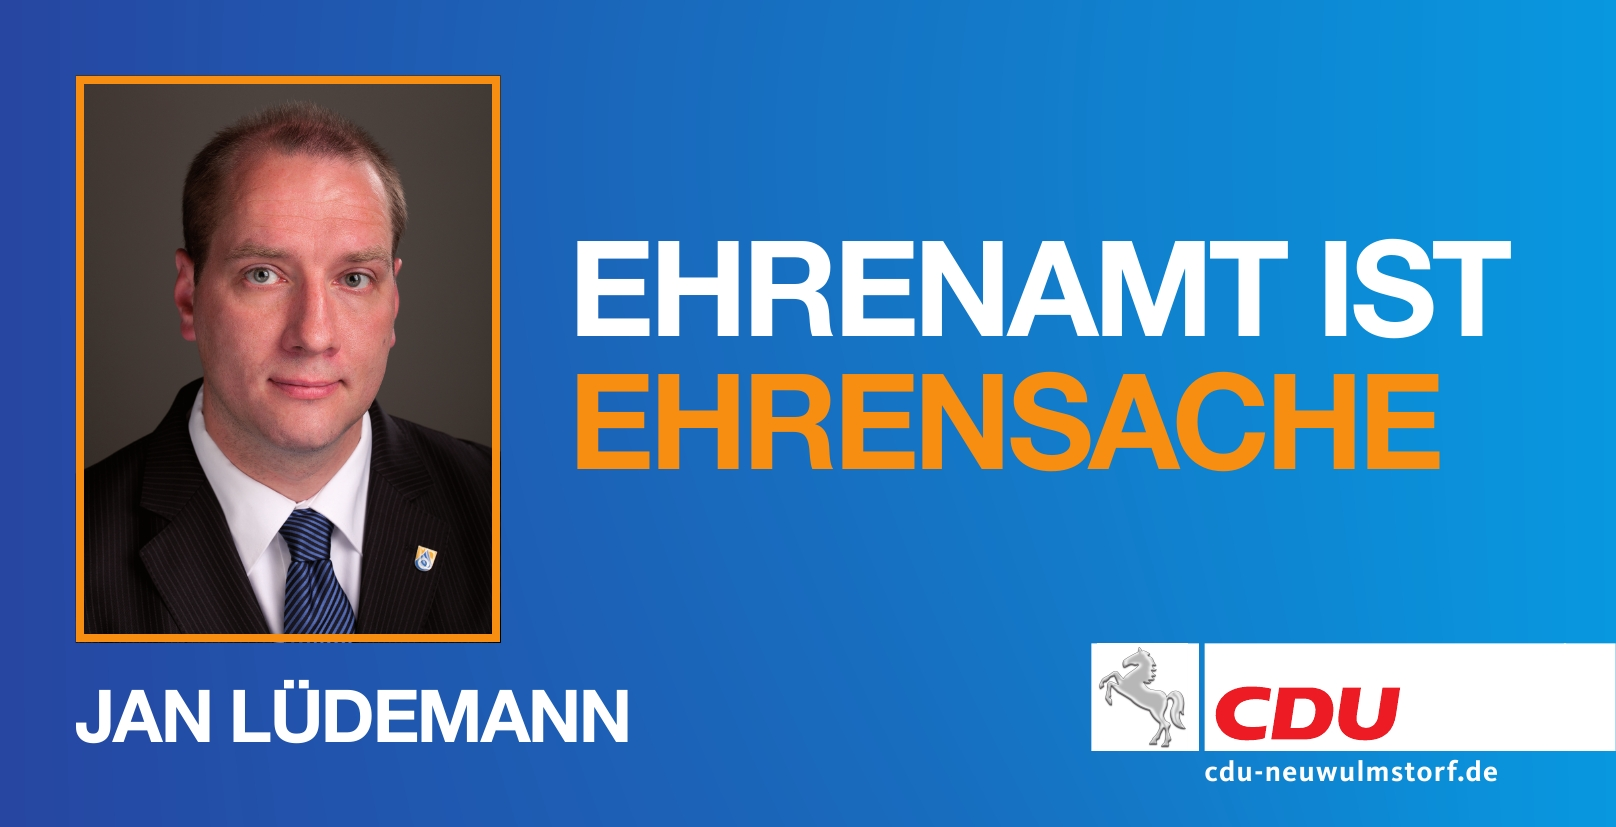 Jan-Thorsten Lüdemann: Ehrenamt ist Ehrensache